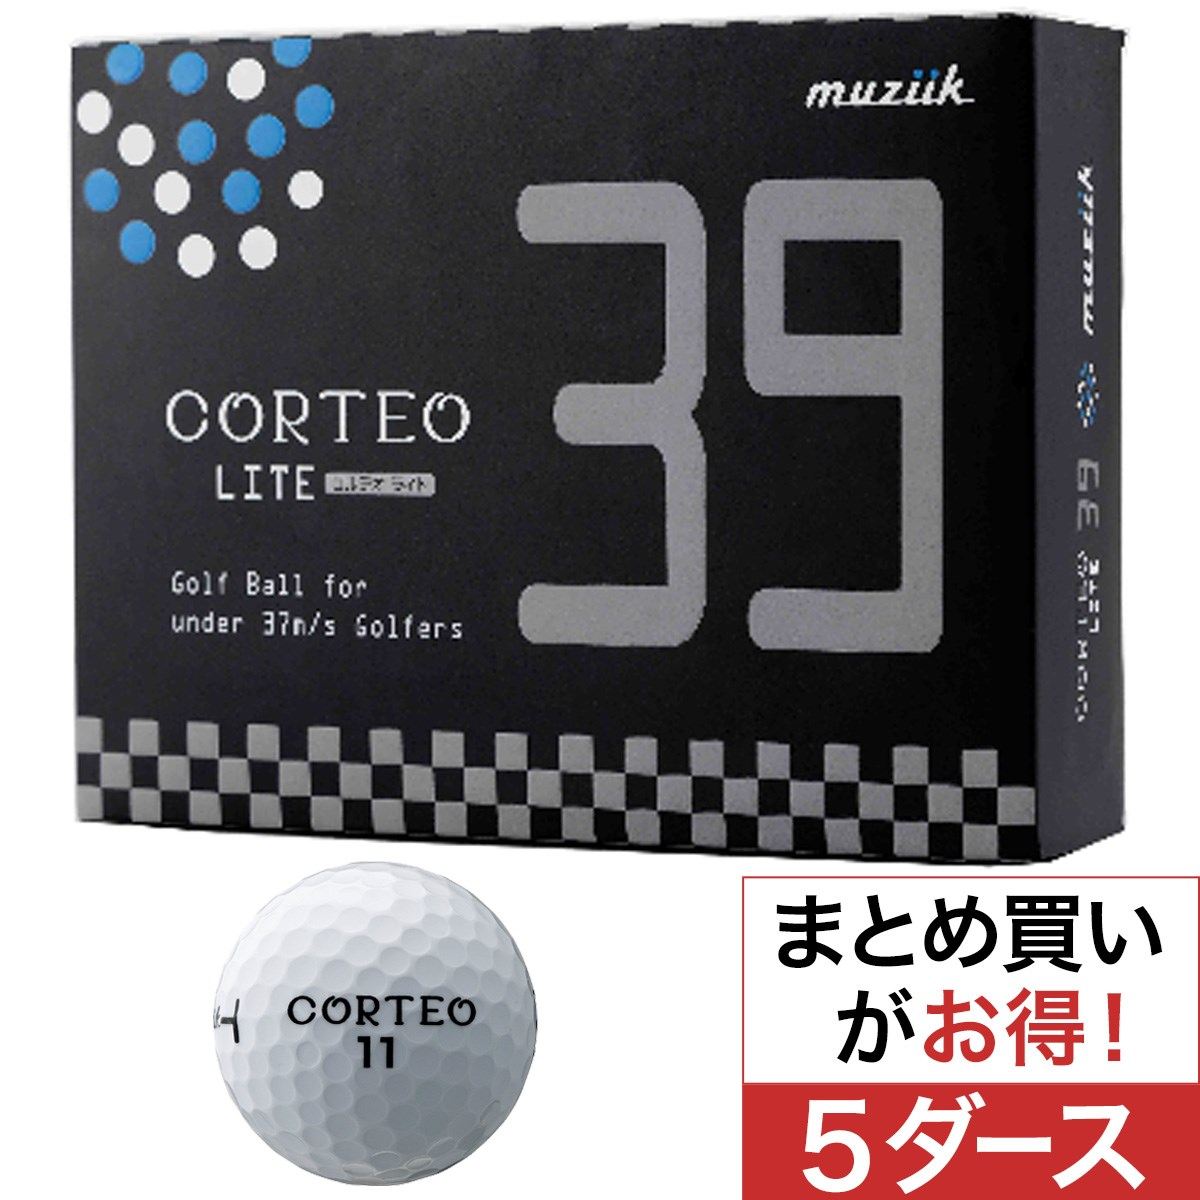 ムジーク コルテオライト39 ボール 5ダースセットレディス